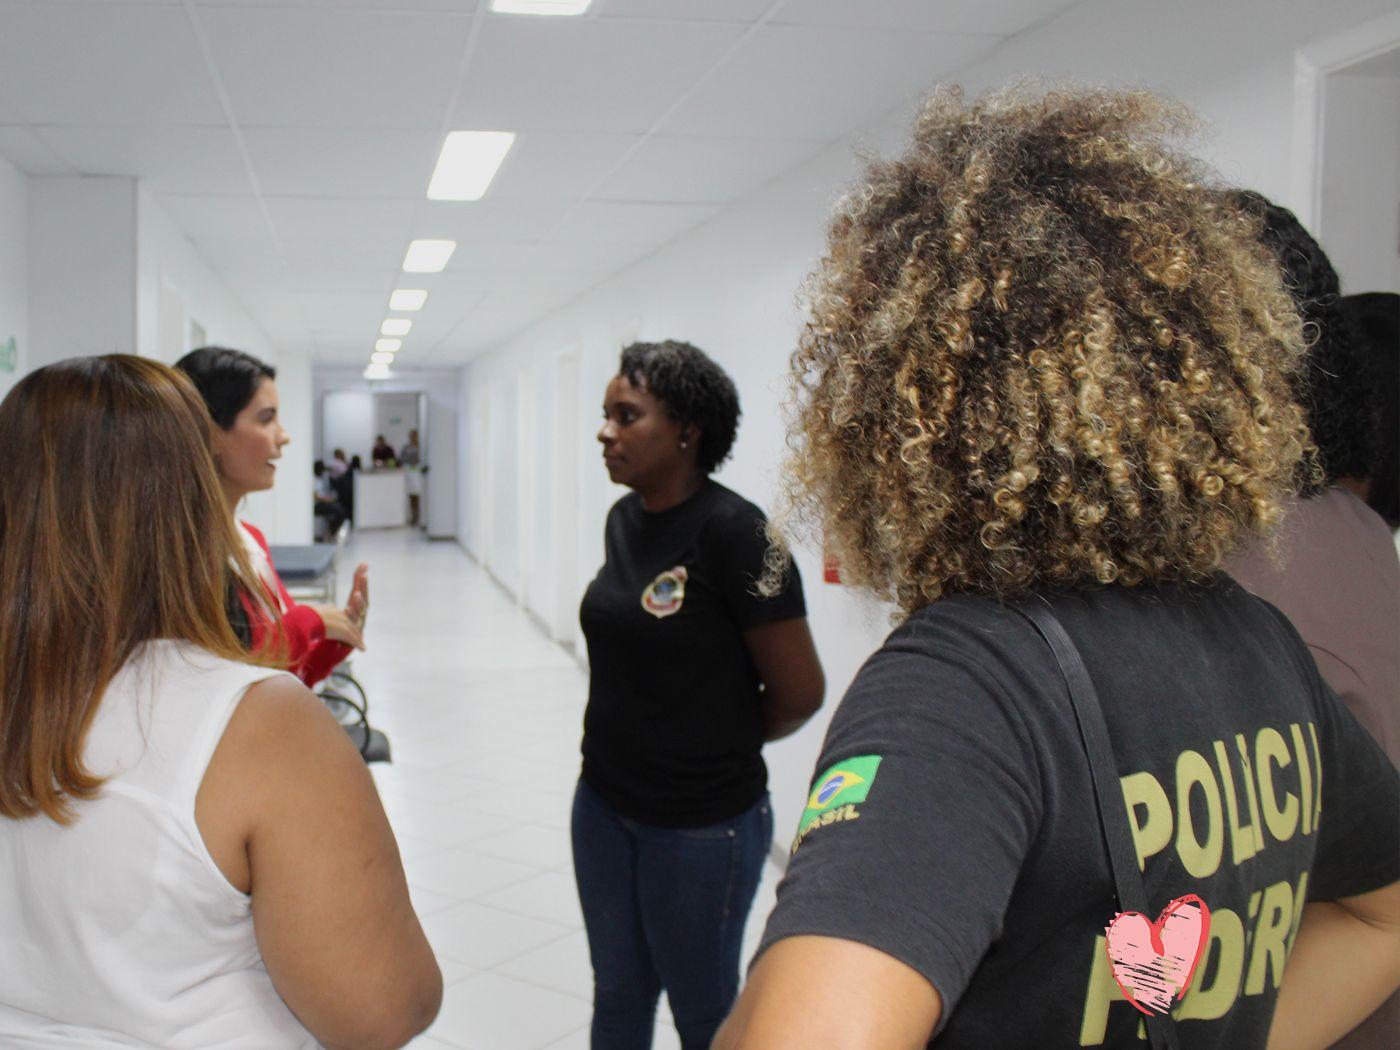 [HMG]-2019-07-11-Policia-Federal-Doacoes(6)